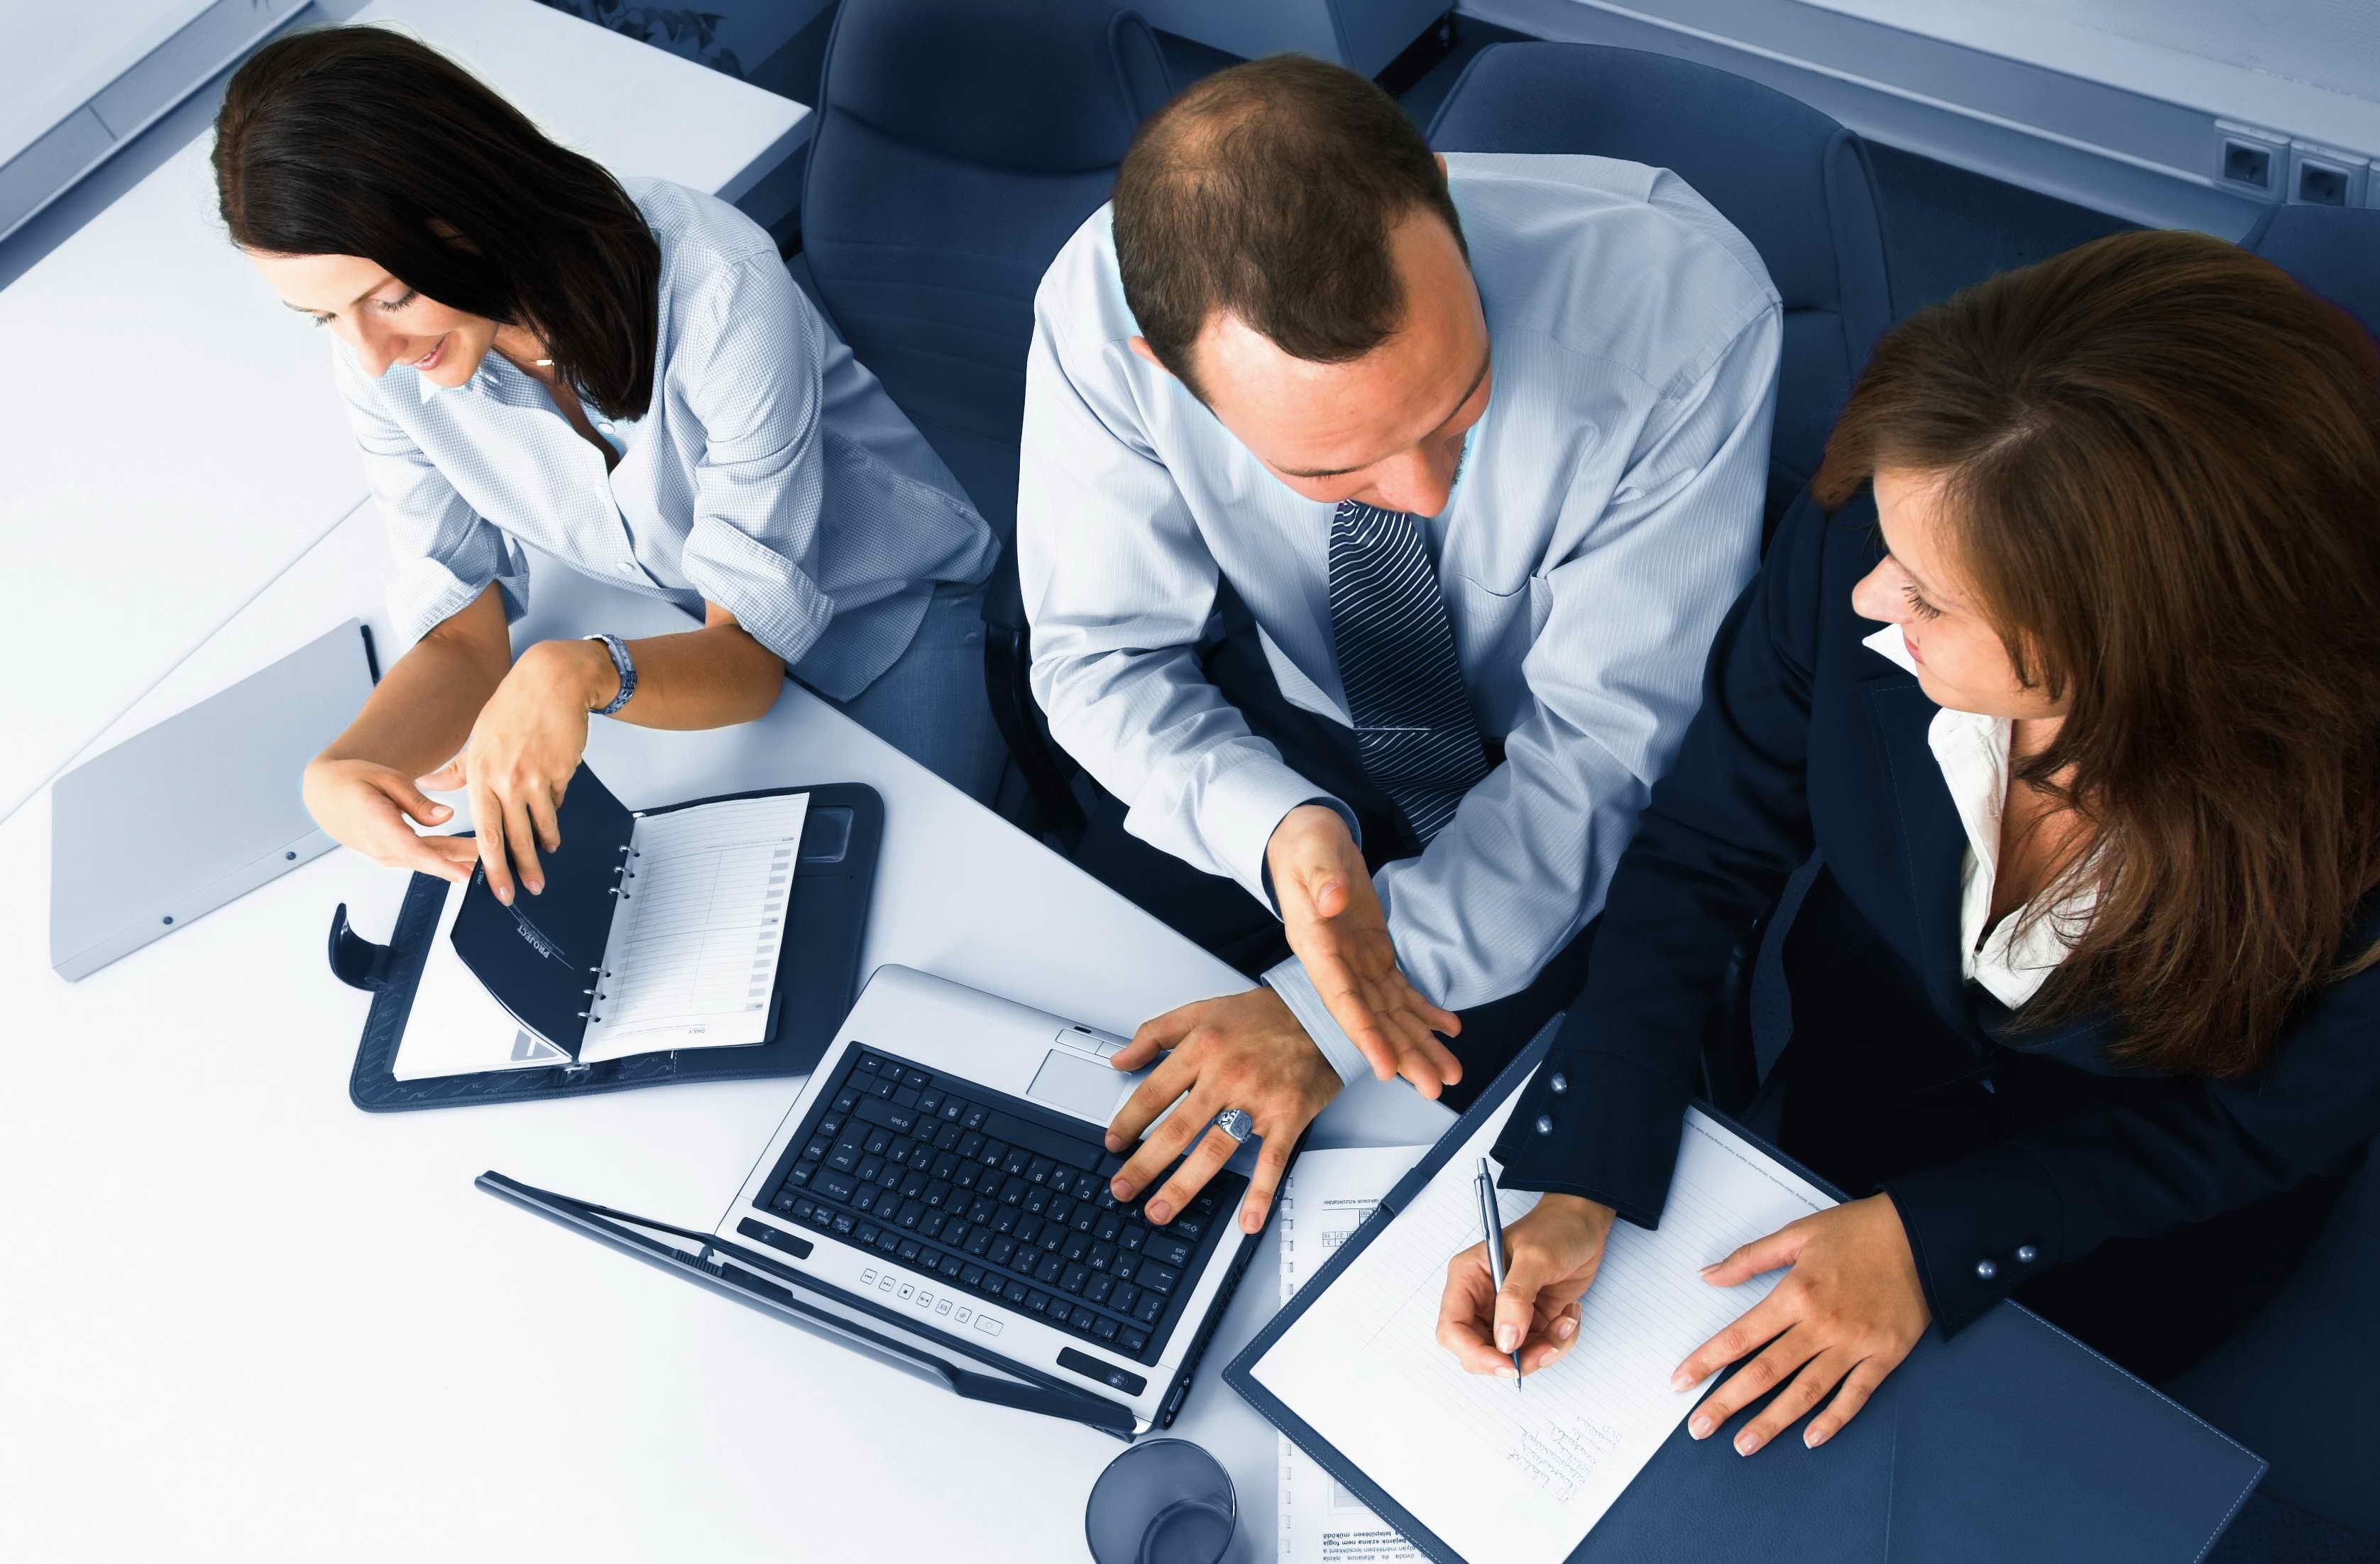 Юридичні консультації по спадку, аутсорсинг